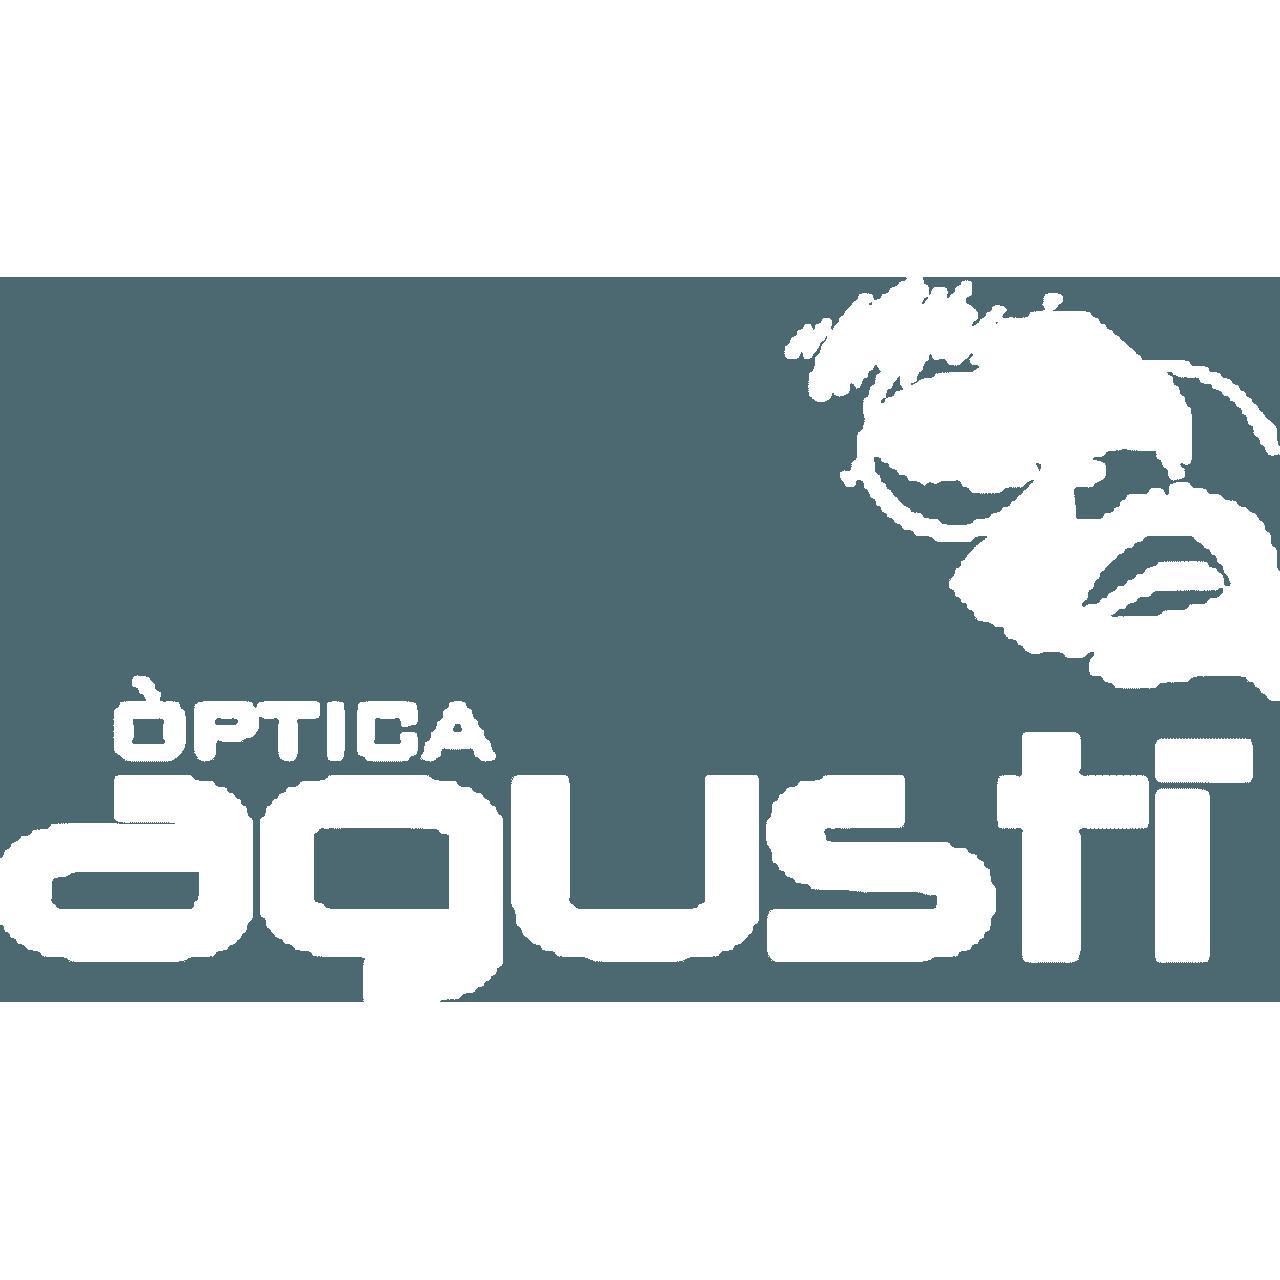 edcece11b9 Òptica Agustí - Òptica a Girona des de 1950 - Botiga online